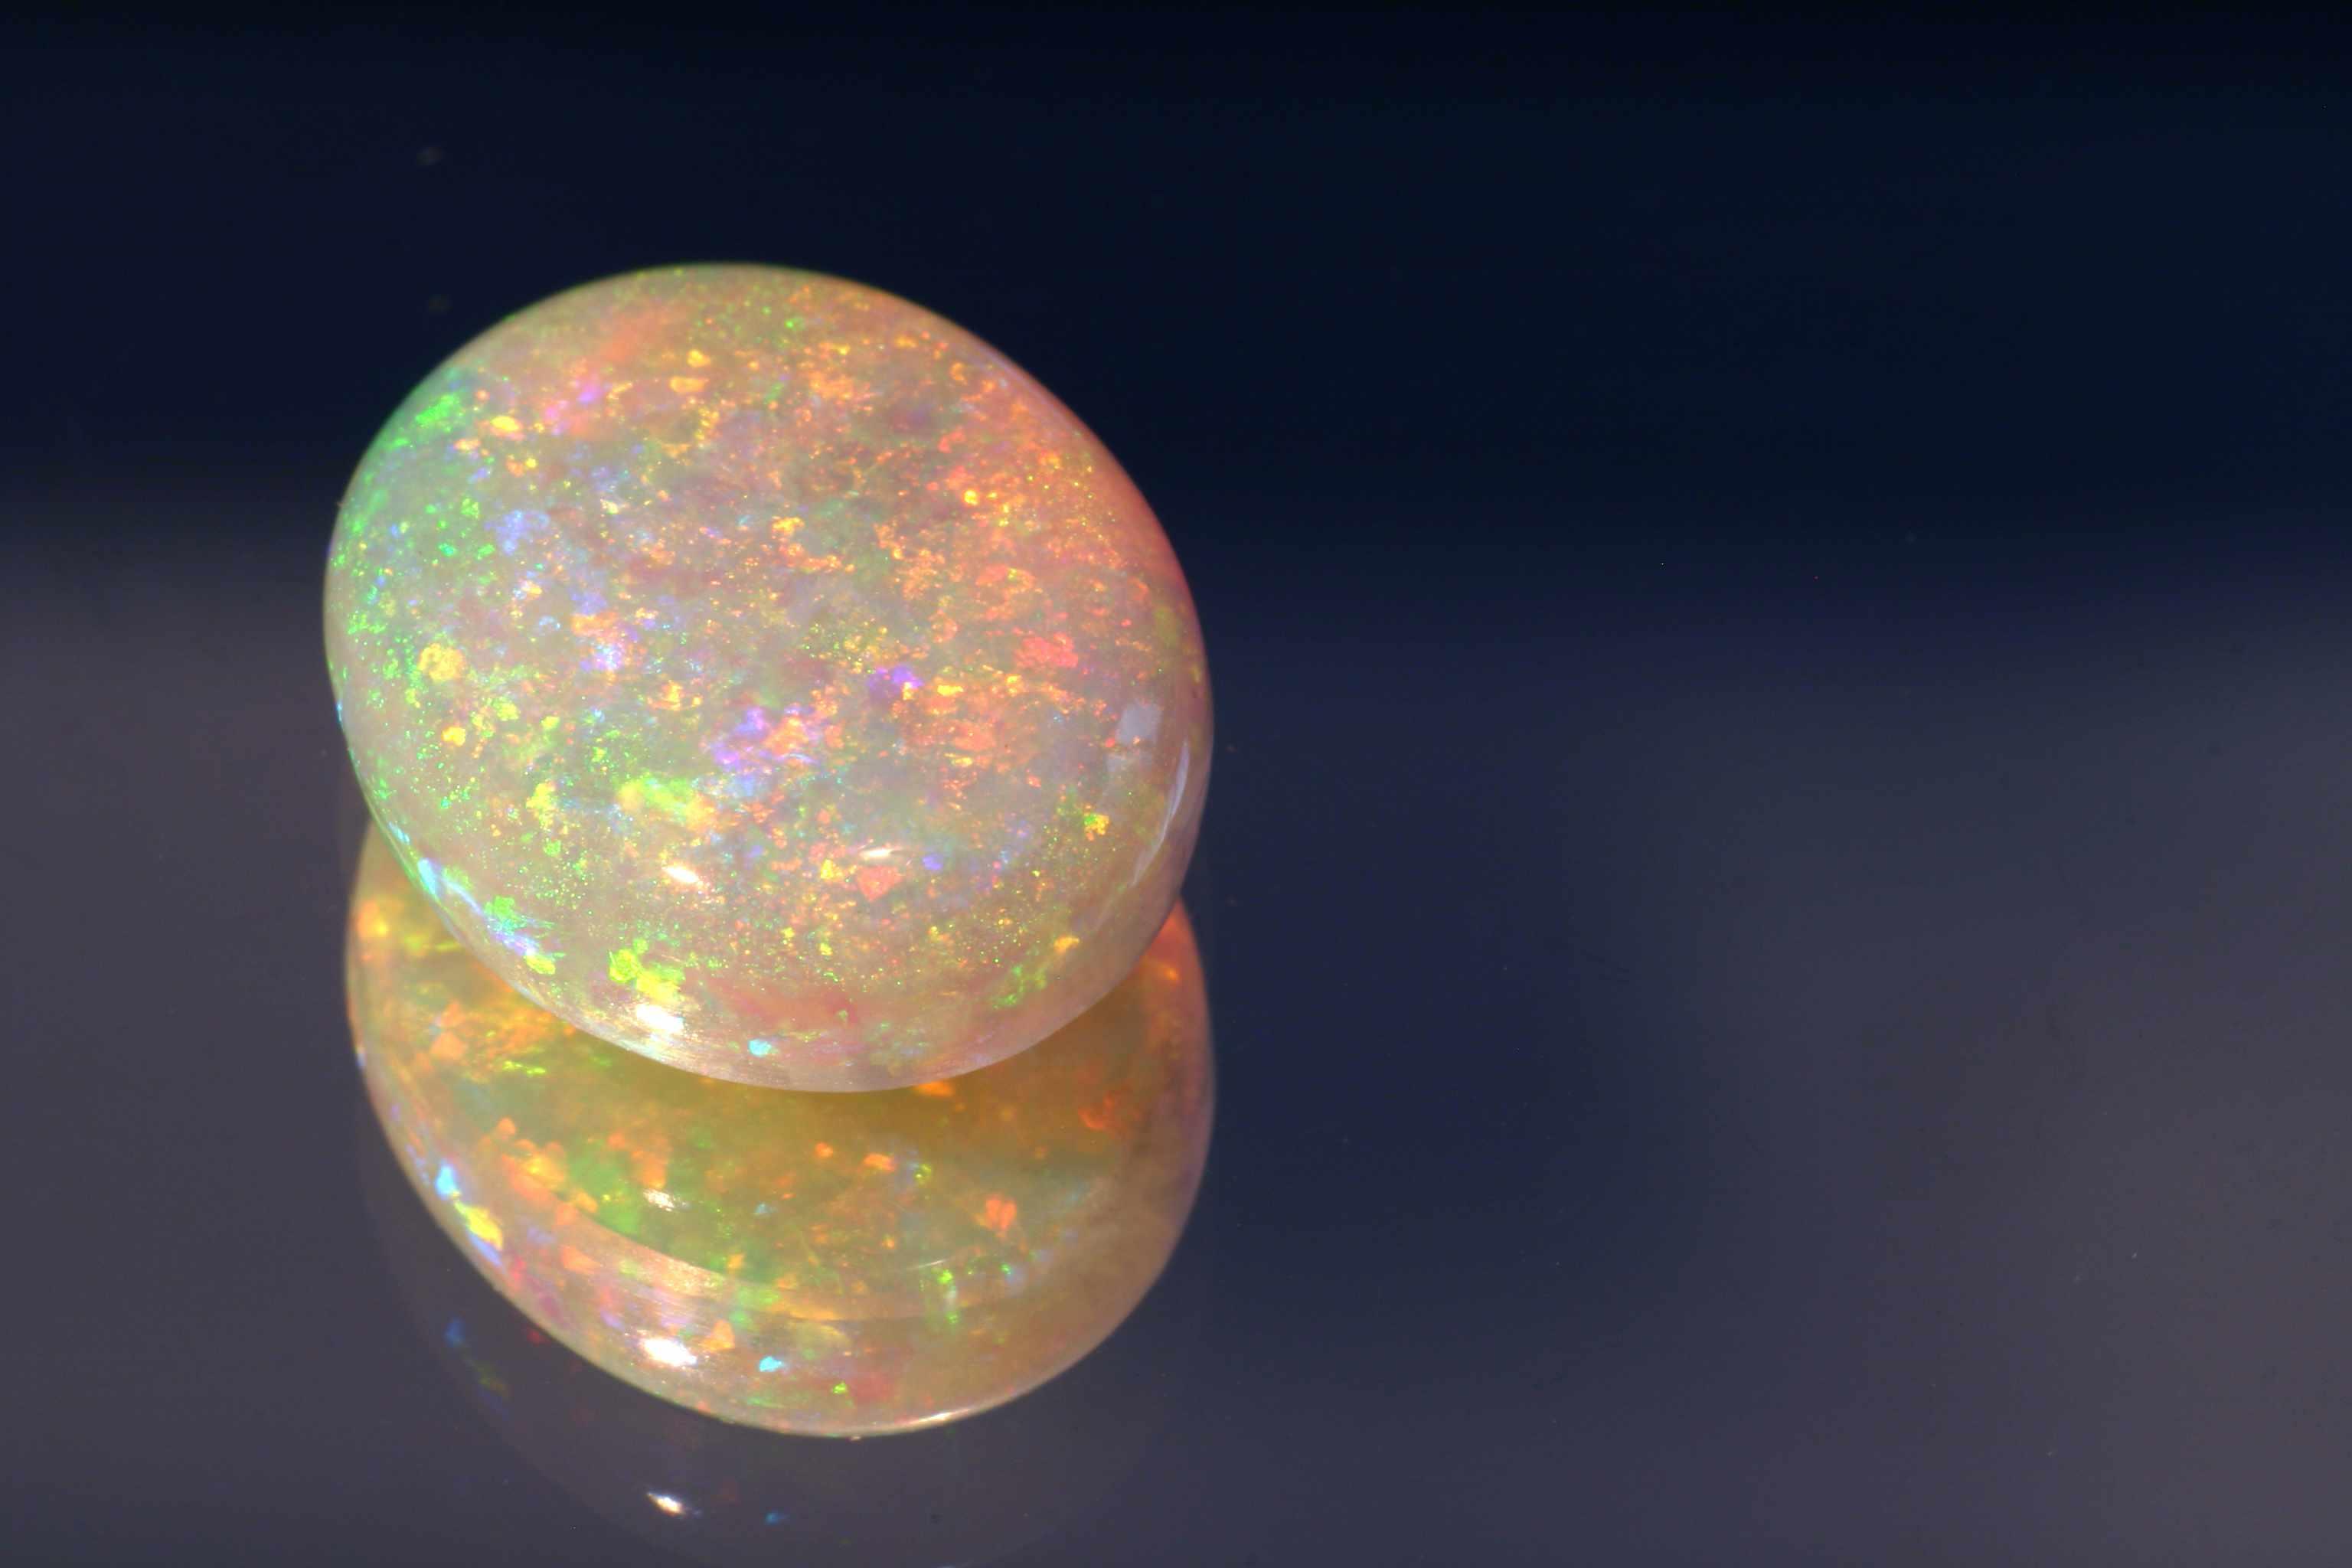 polished opal gemstone on a dark background